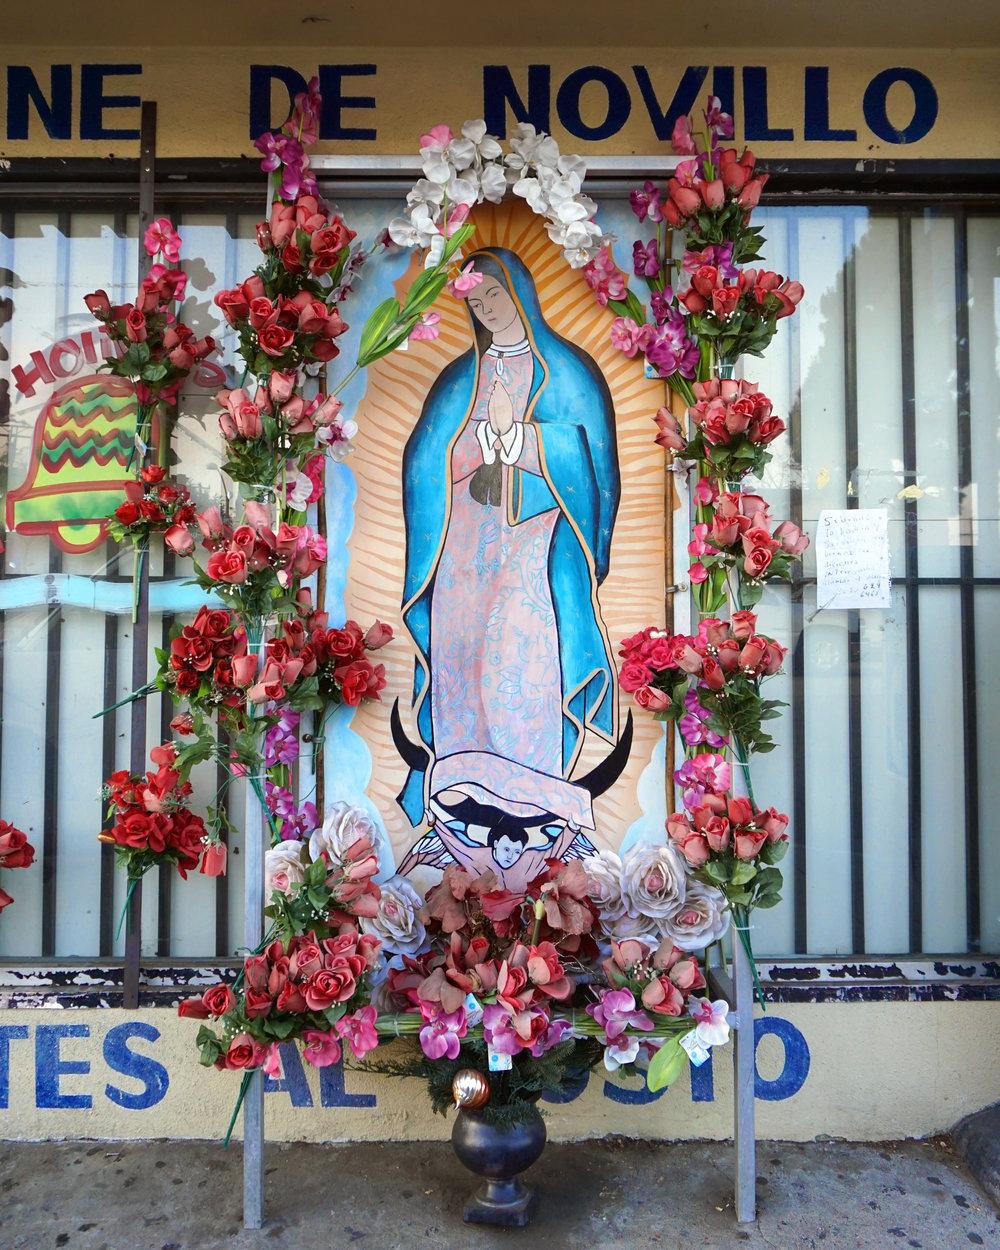 Guadalupe_Store_LEnnox.jpg